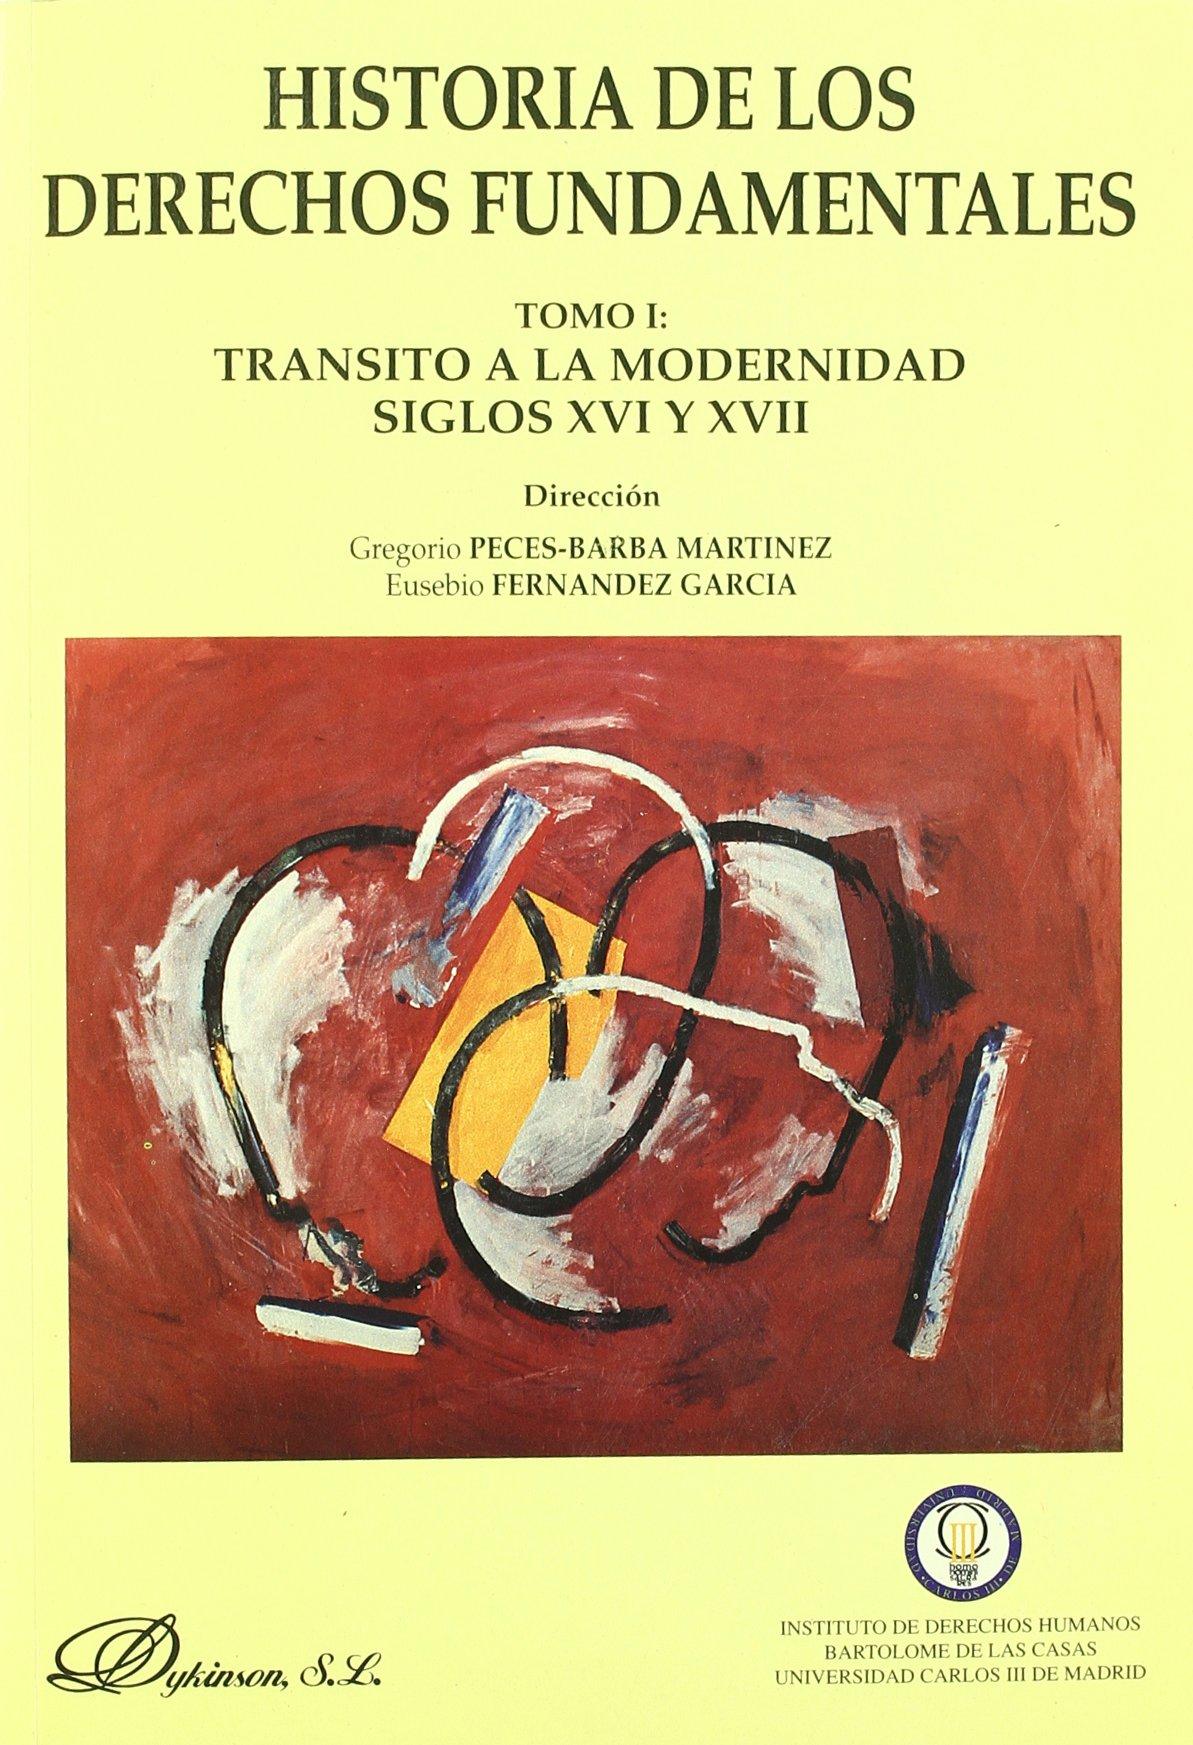 HISTORIA DE LOS DERECHOS FUNDAMENTALES. TOMO I. TRÁNSITO A LA MODERNIDAD (s. XVI y XVII). 1ª reimpresión corregida y ampliada pdf